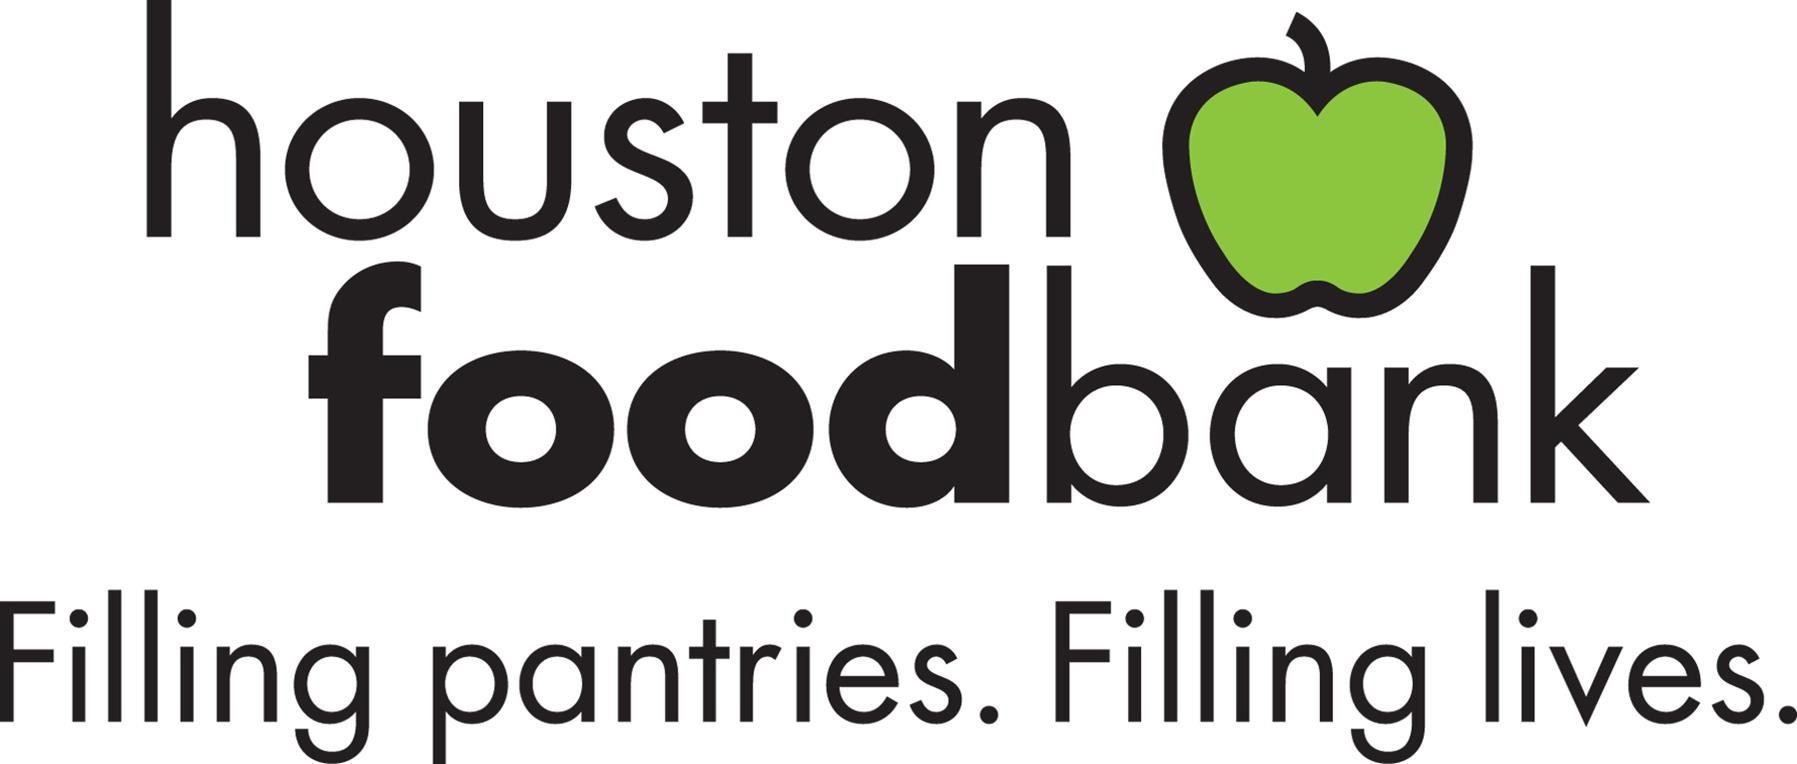 Houston Food Bank Volunteer Requirements